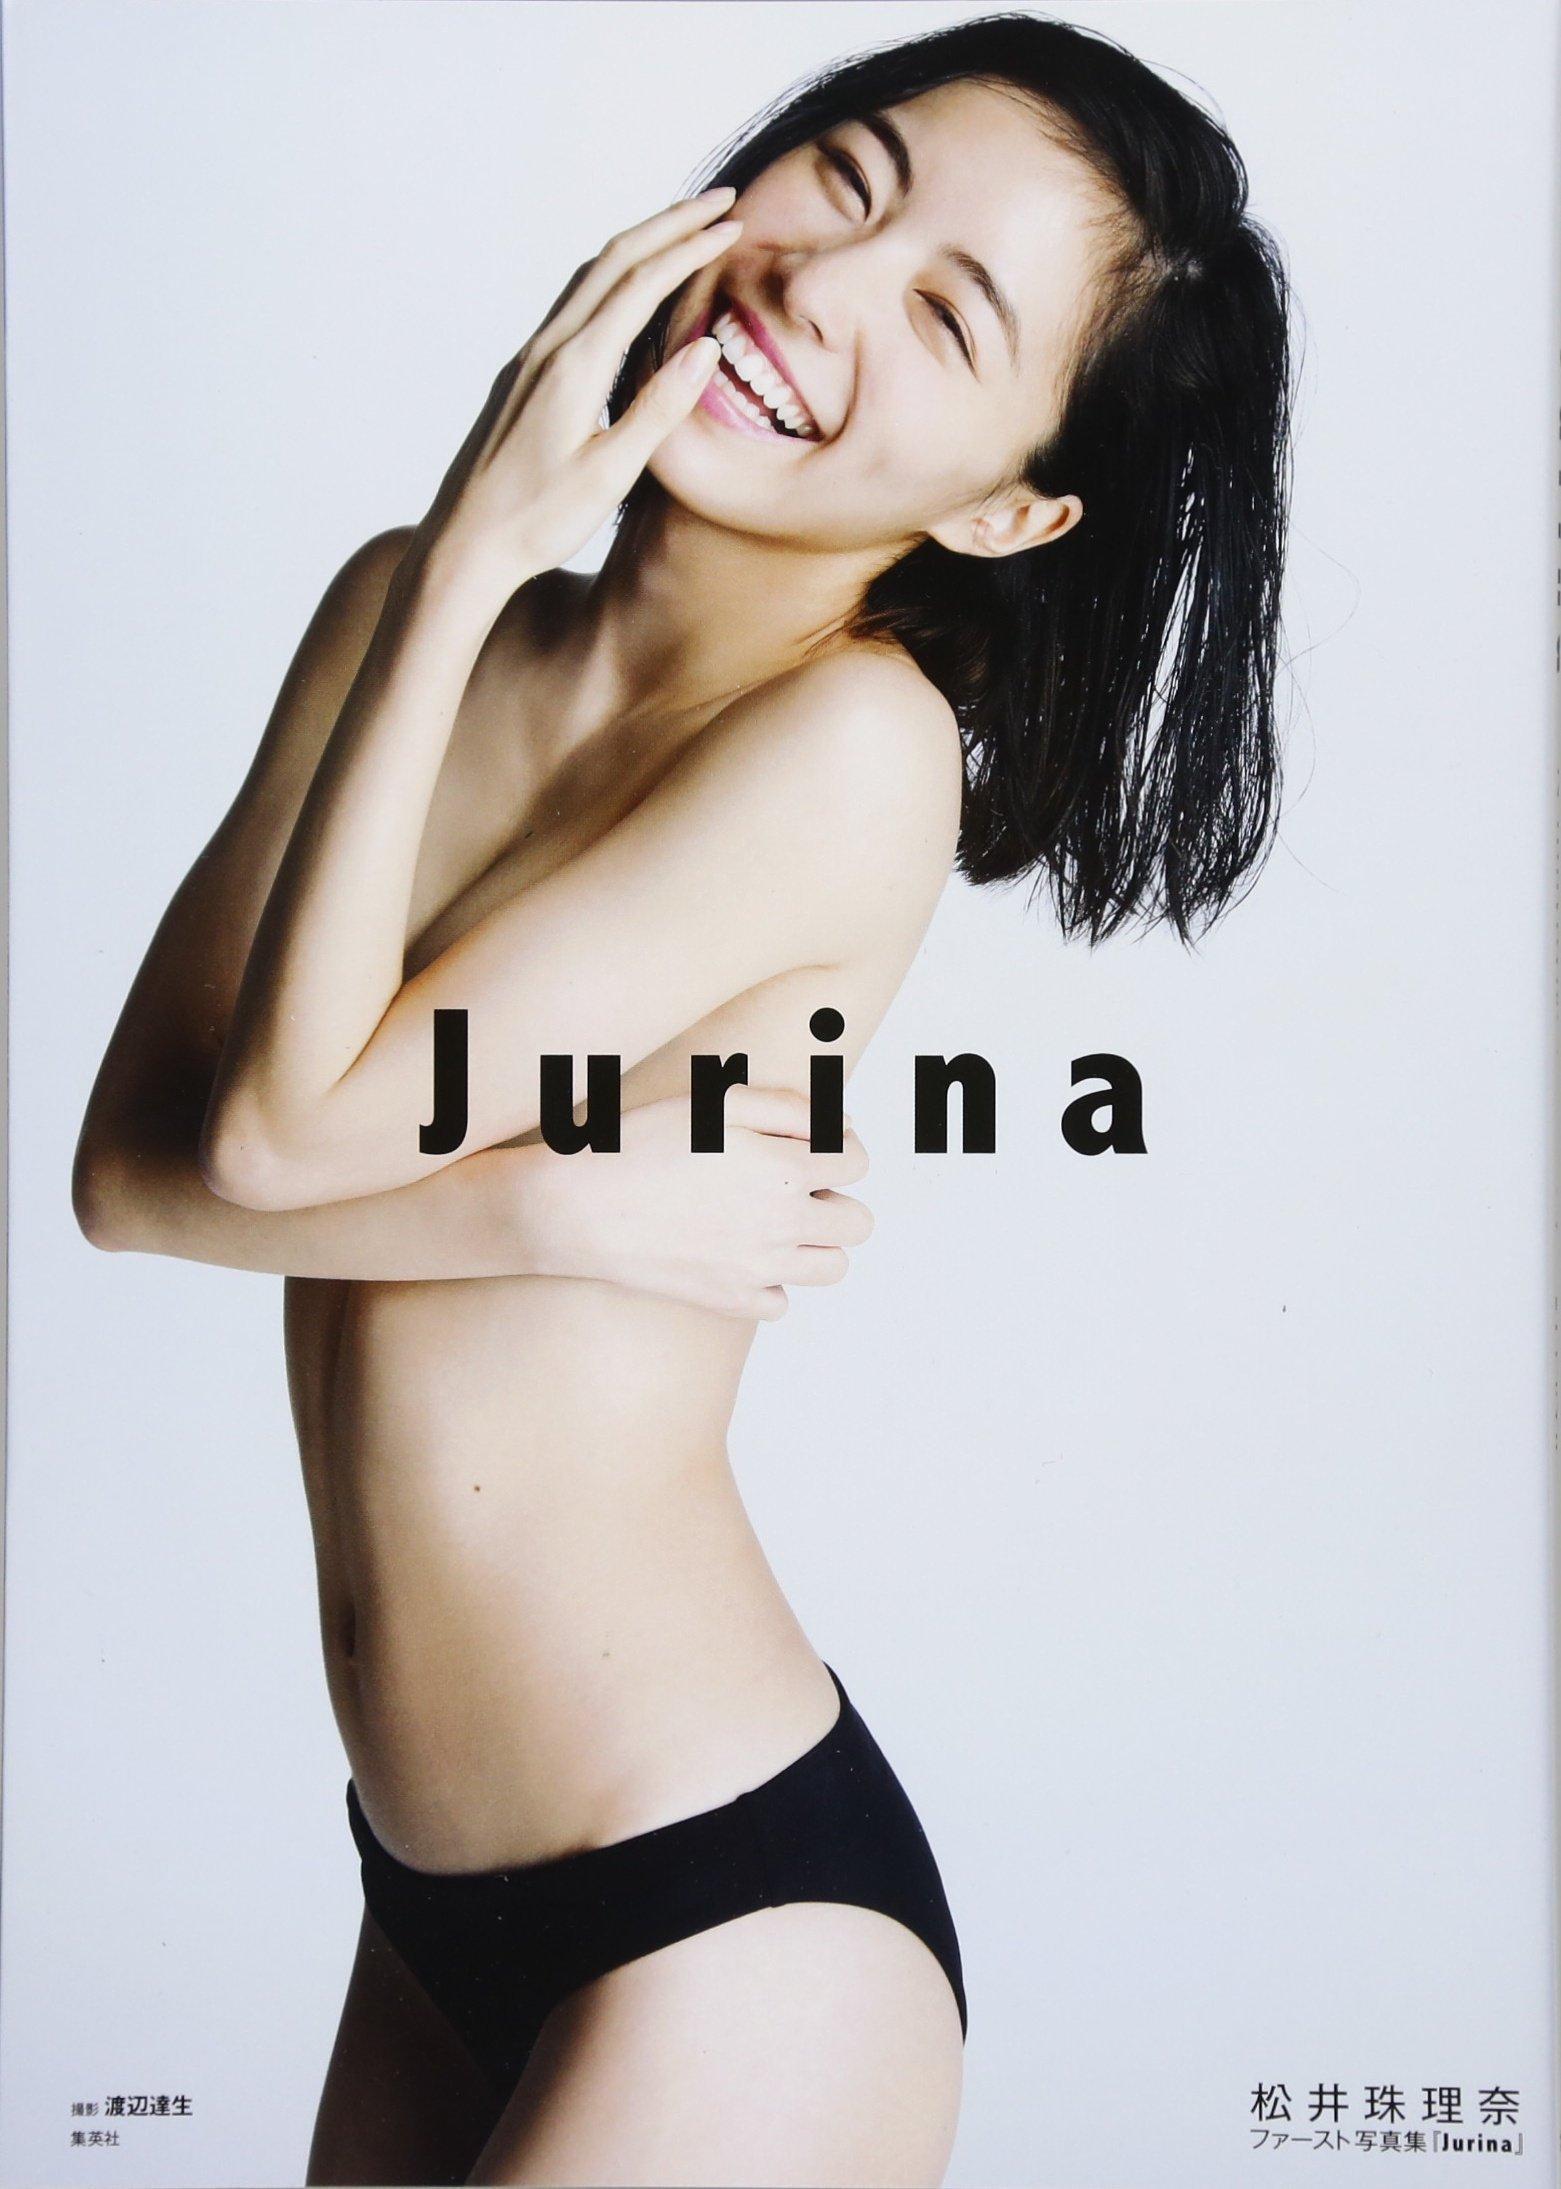 「松井珠理奈 Jurina」の画像検索結果